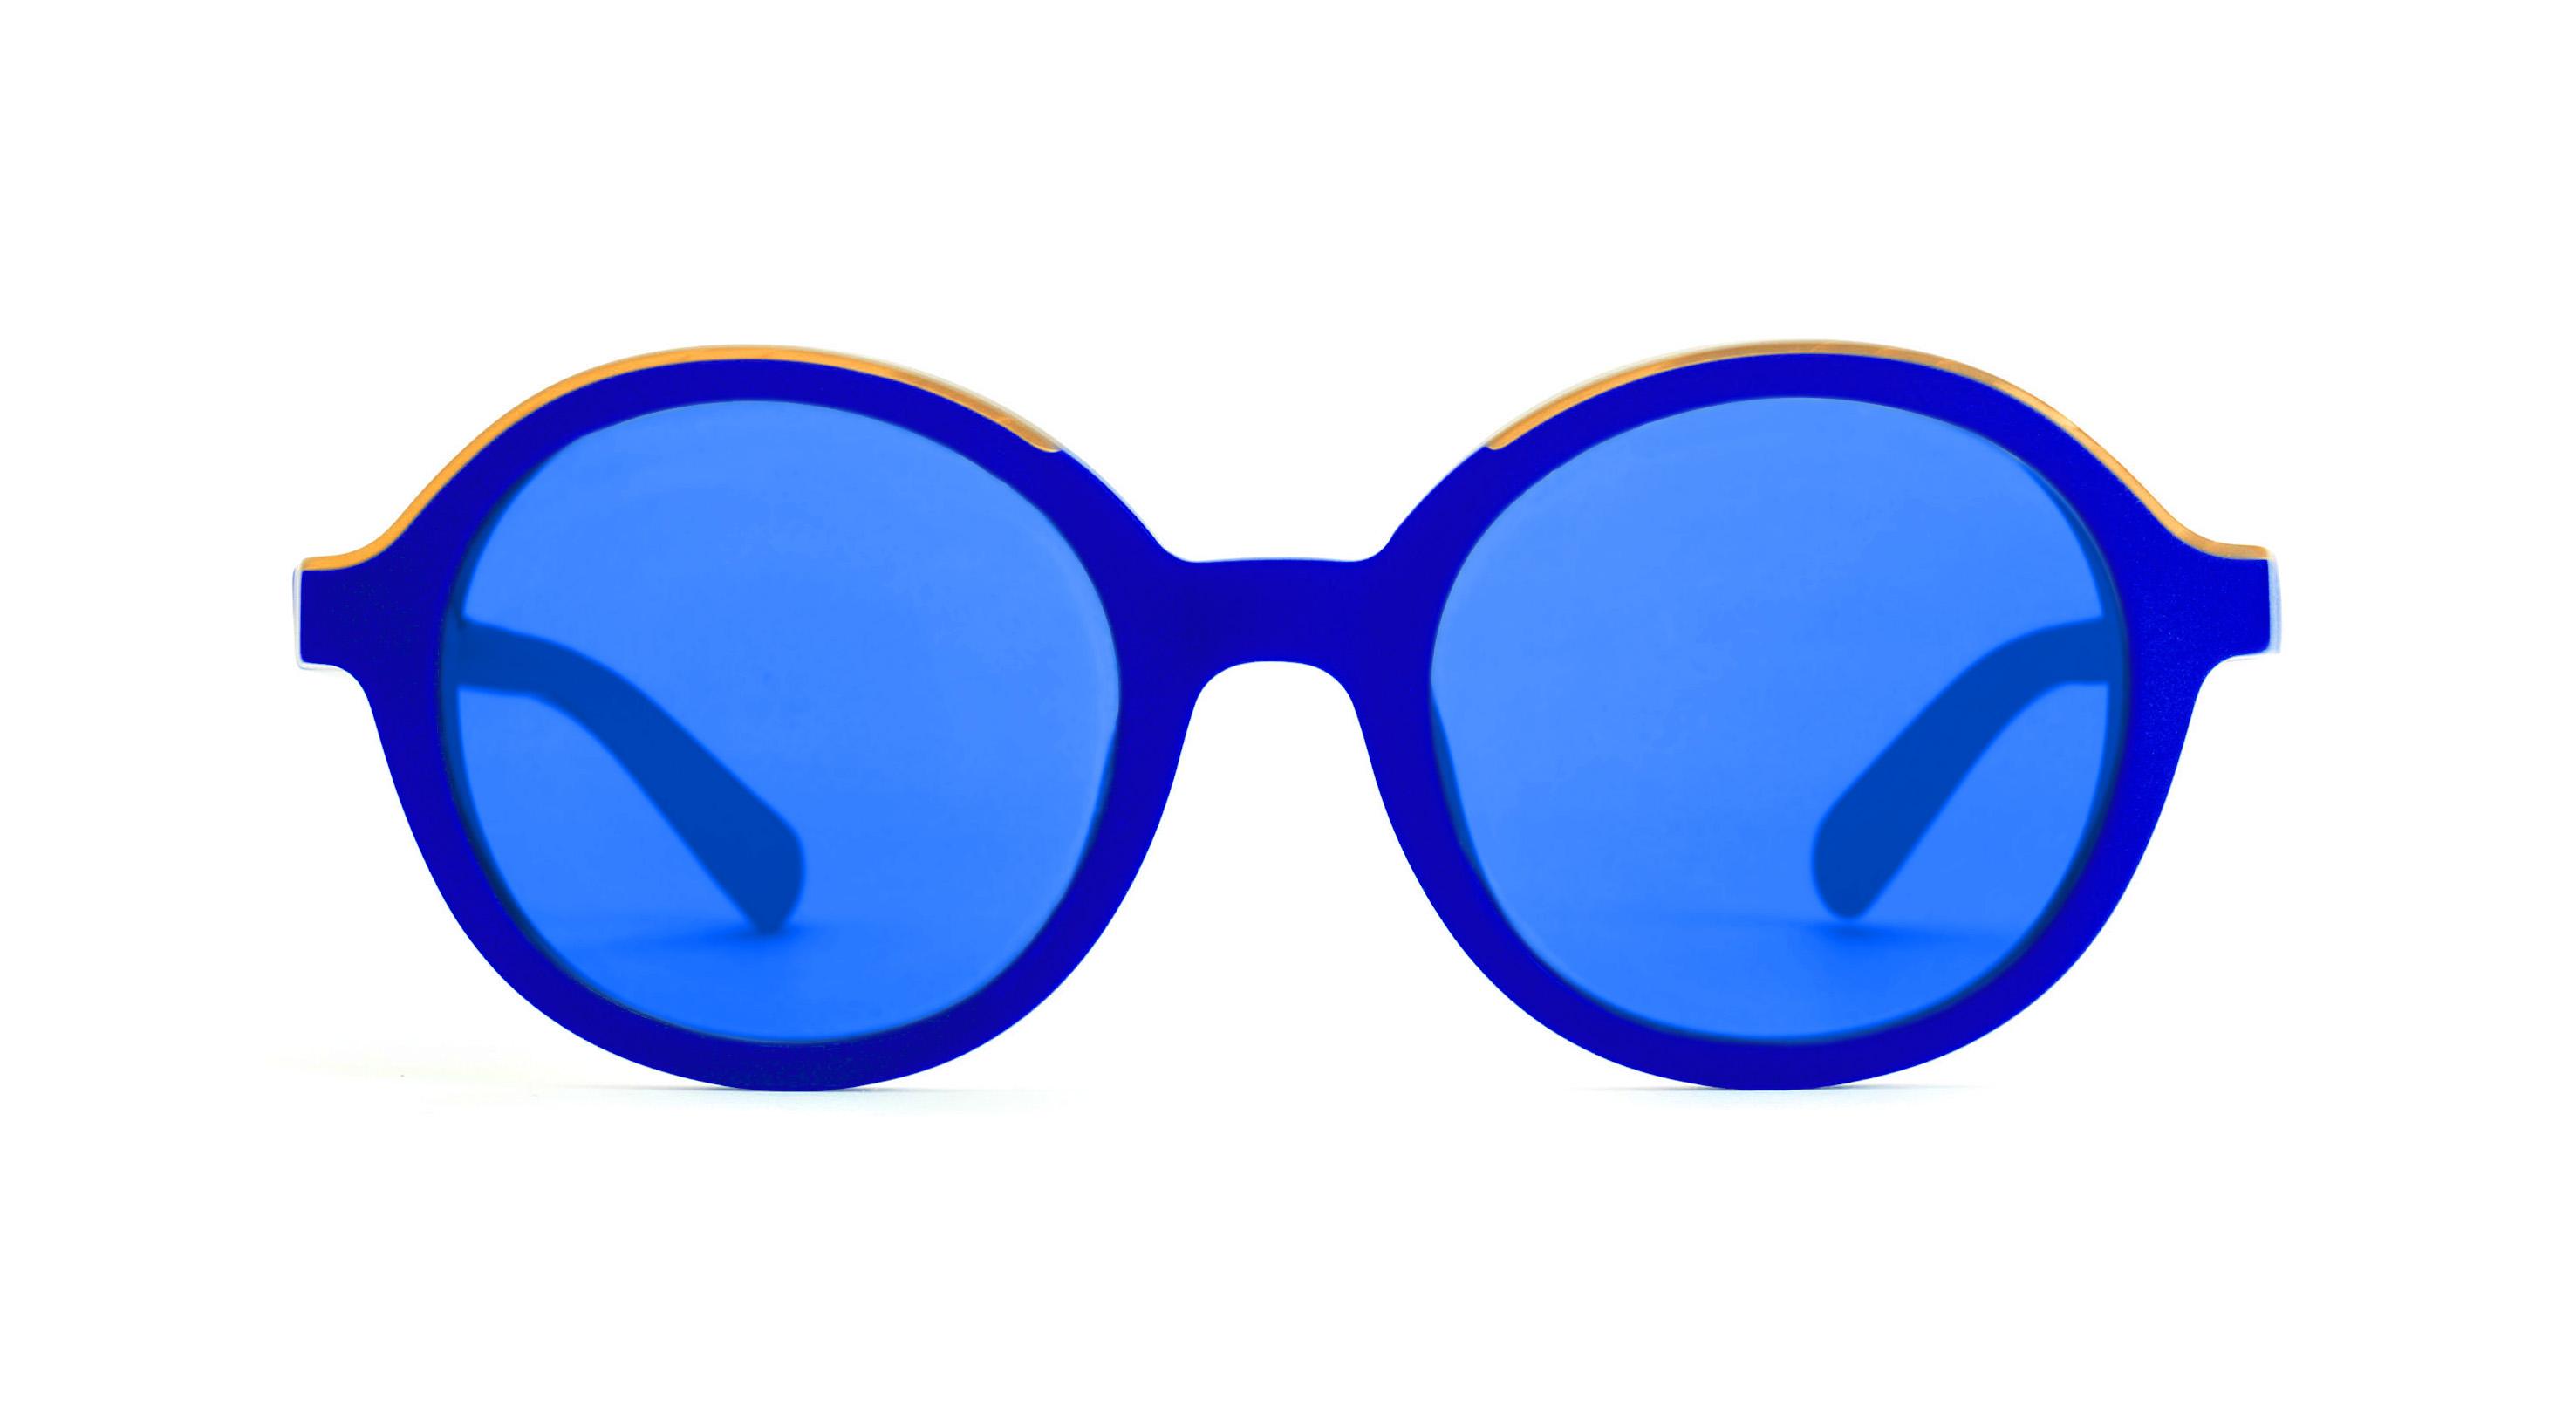 Quot L International Klein Blue Collection Quot Du Bleu Plein